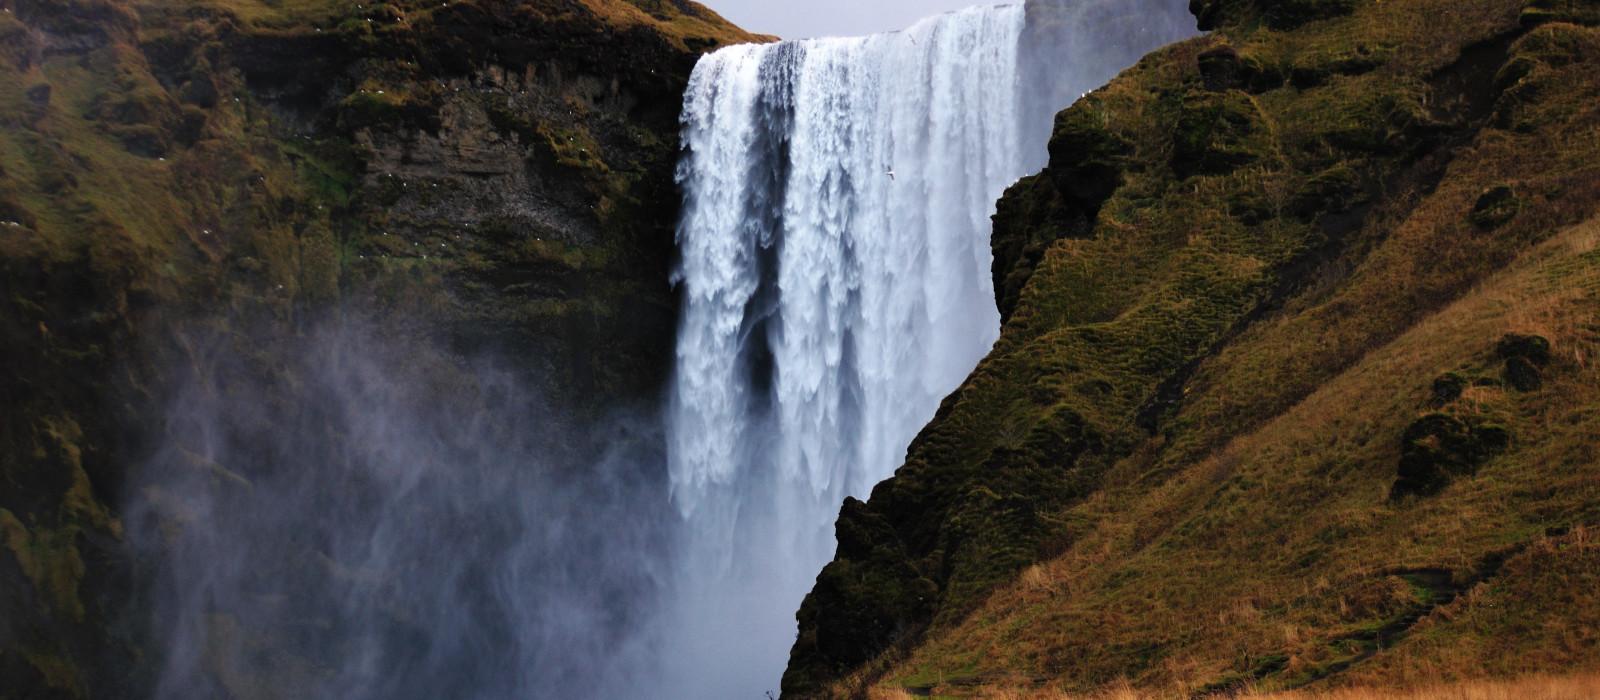 Destination Hvolsvöllur Iceland